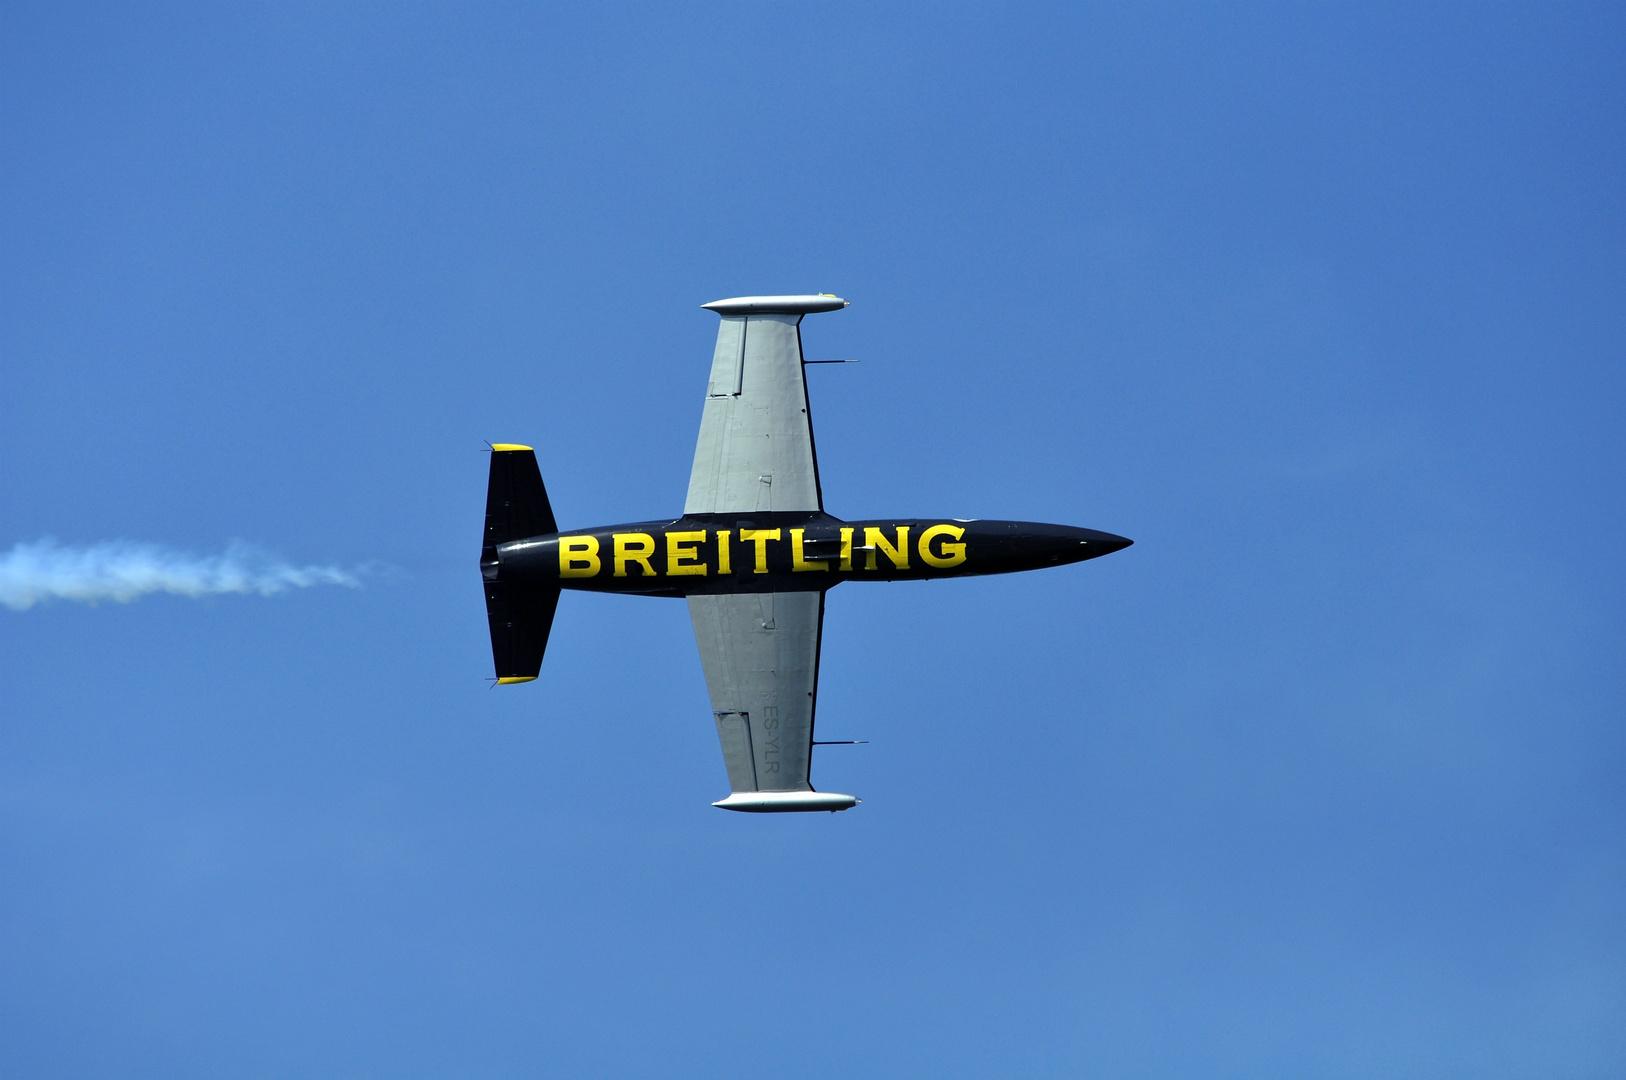 Breitling Jet Team 1